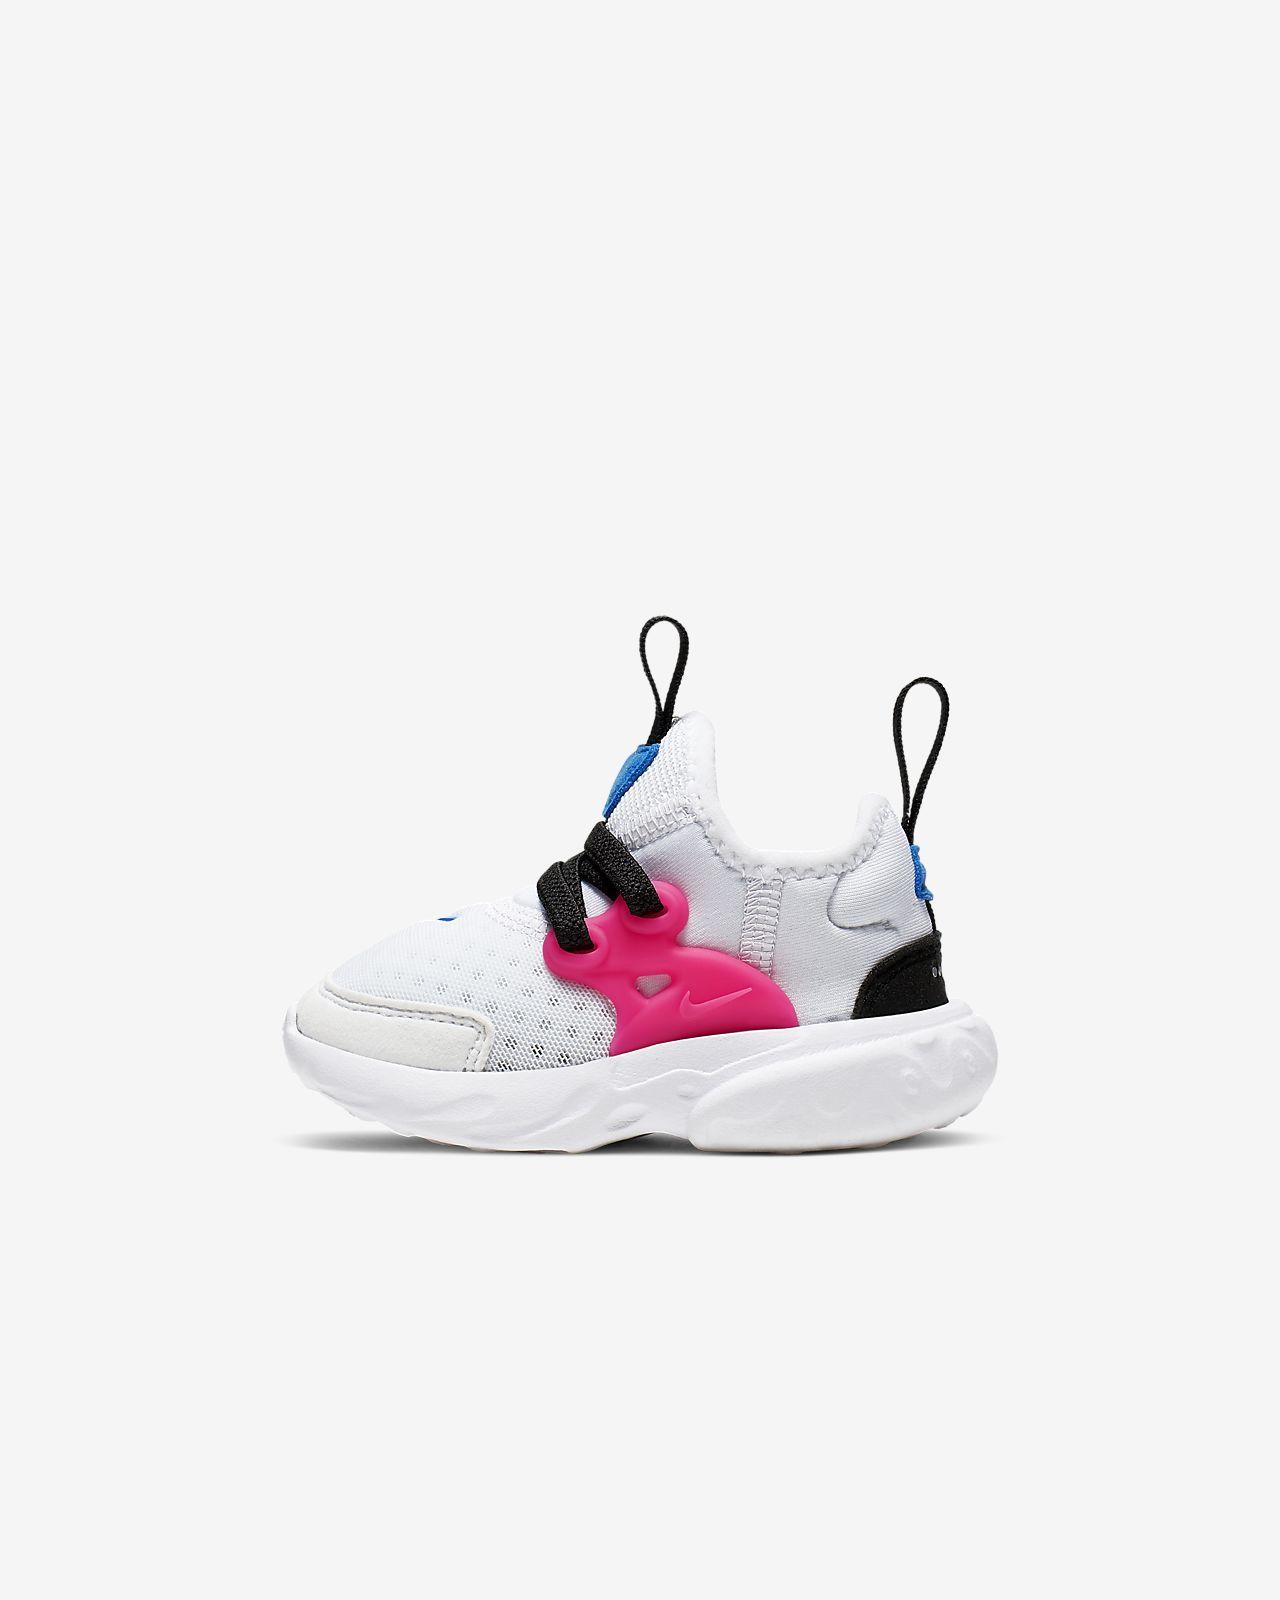 Buty dla niemowląt Nike RT Presto